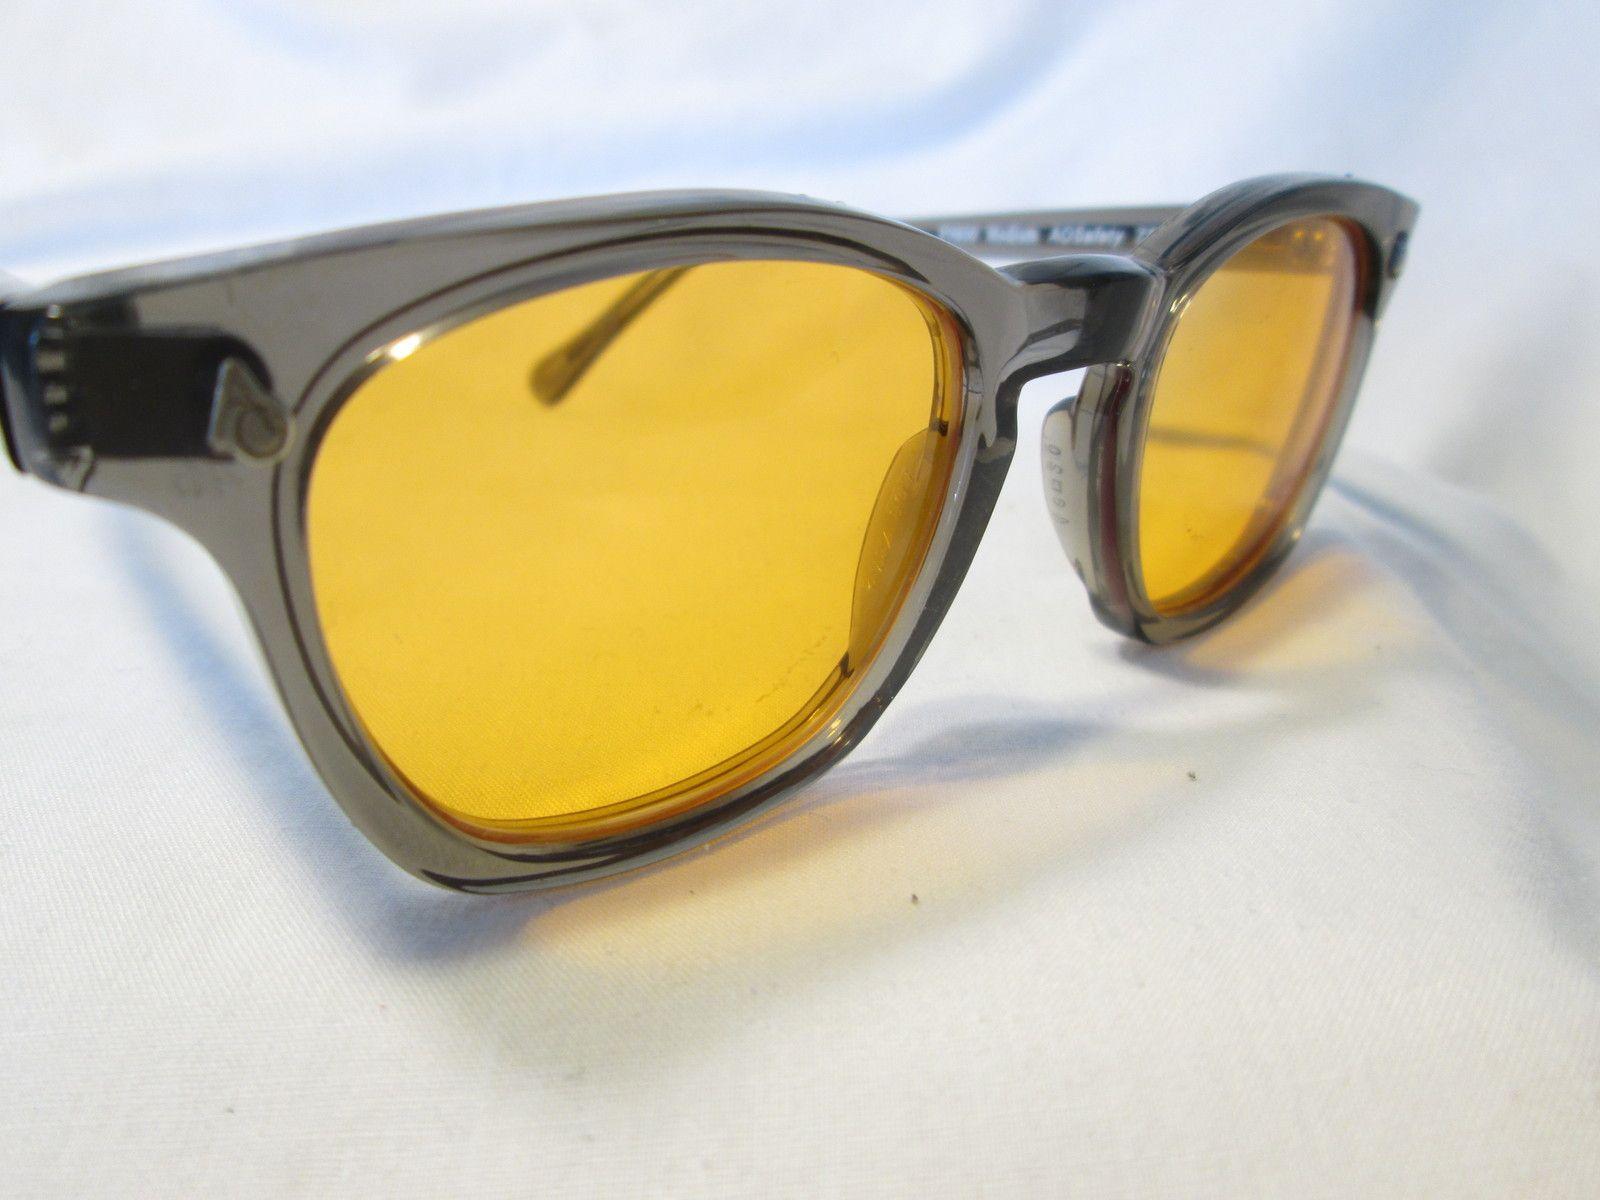 a540eaac14 New AO American Optical Safety Sunglasses Orange Lenses 48 Eyeglasses Frame